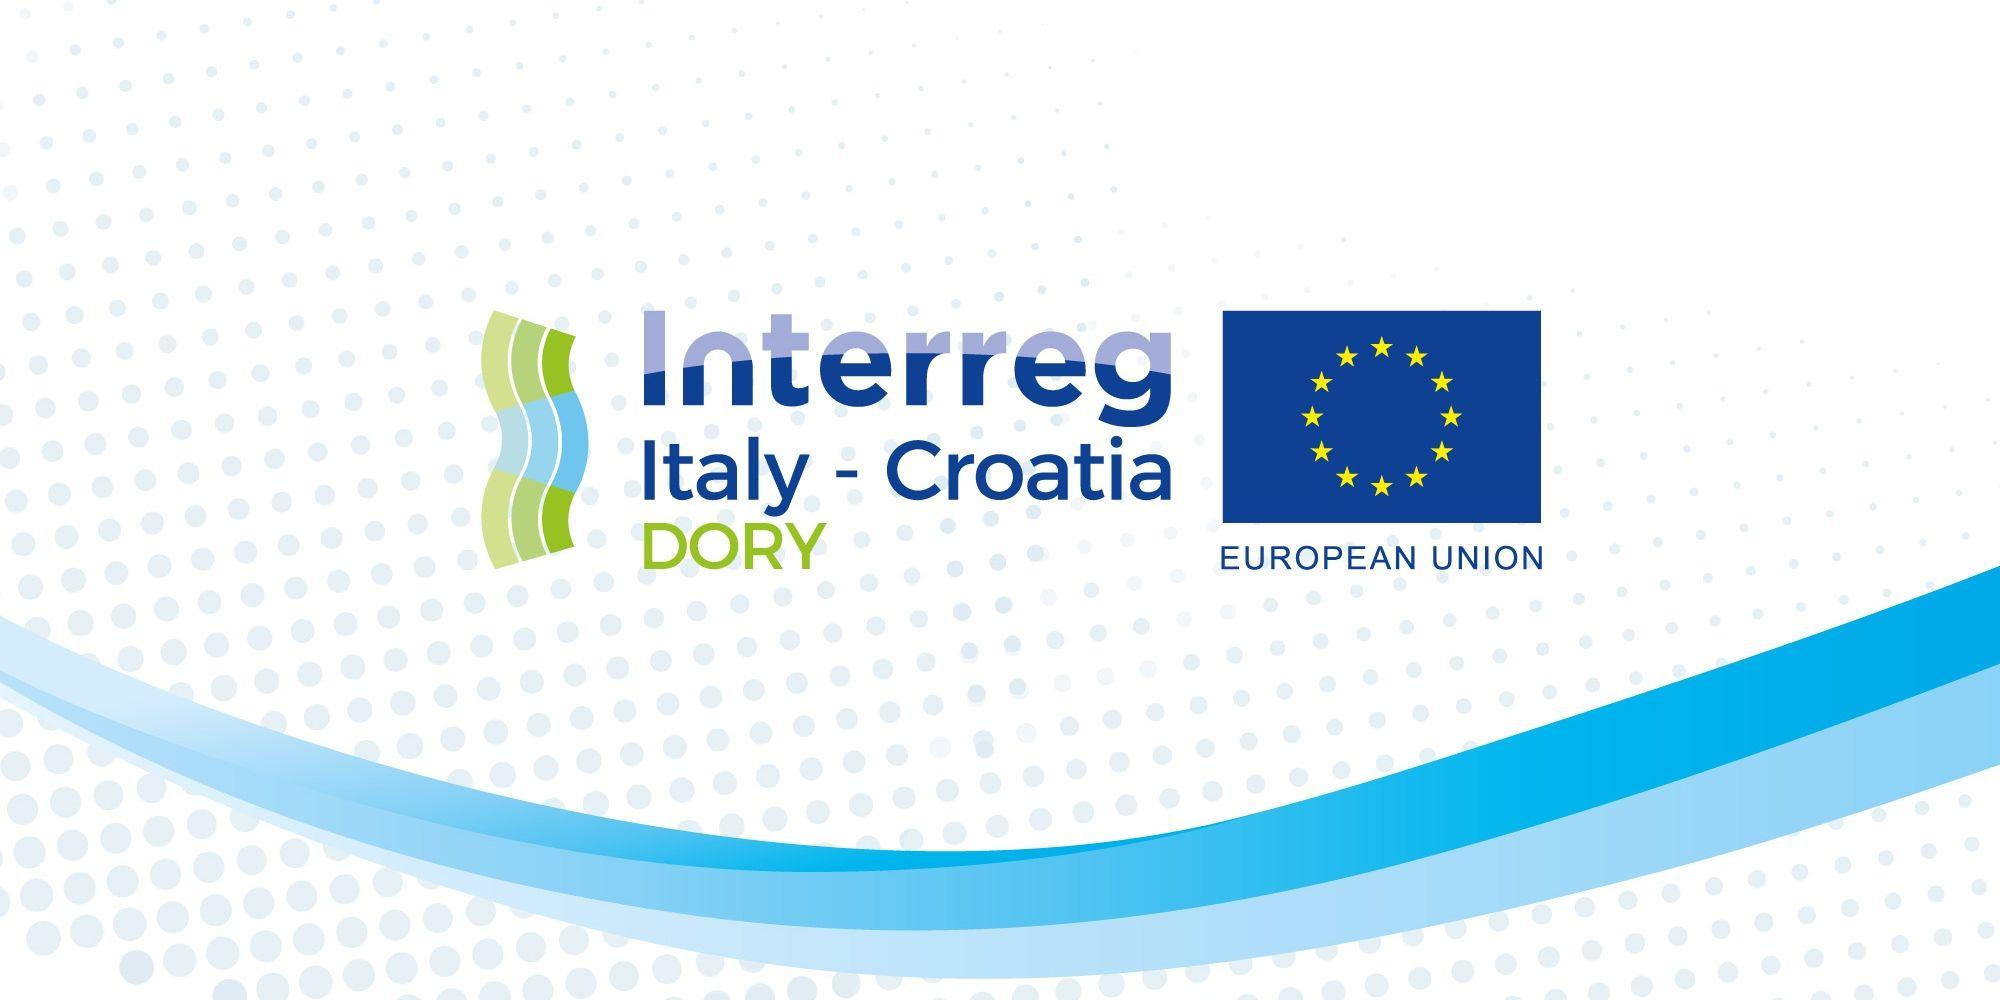 Progetto Dory - Per una pesca sostenibile nell'area Adriatico-Ionica